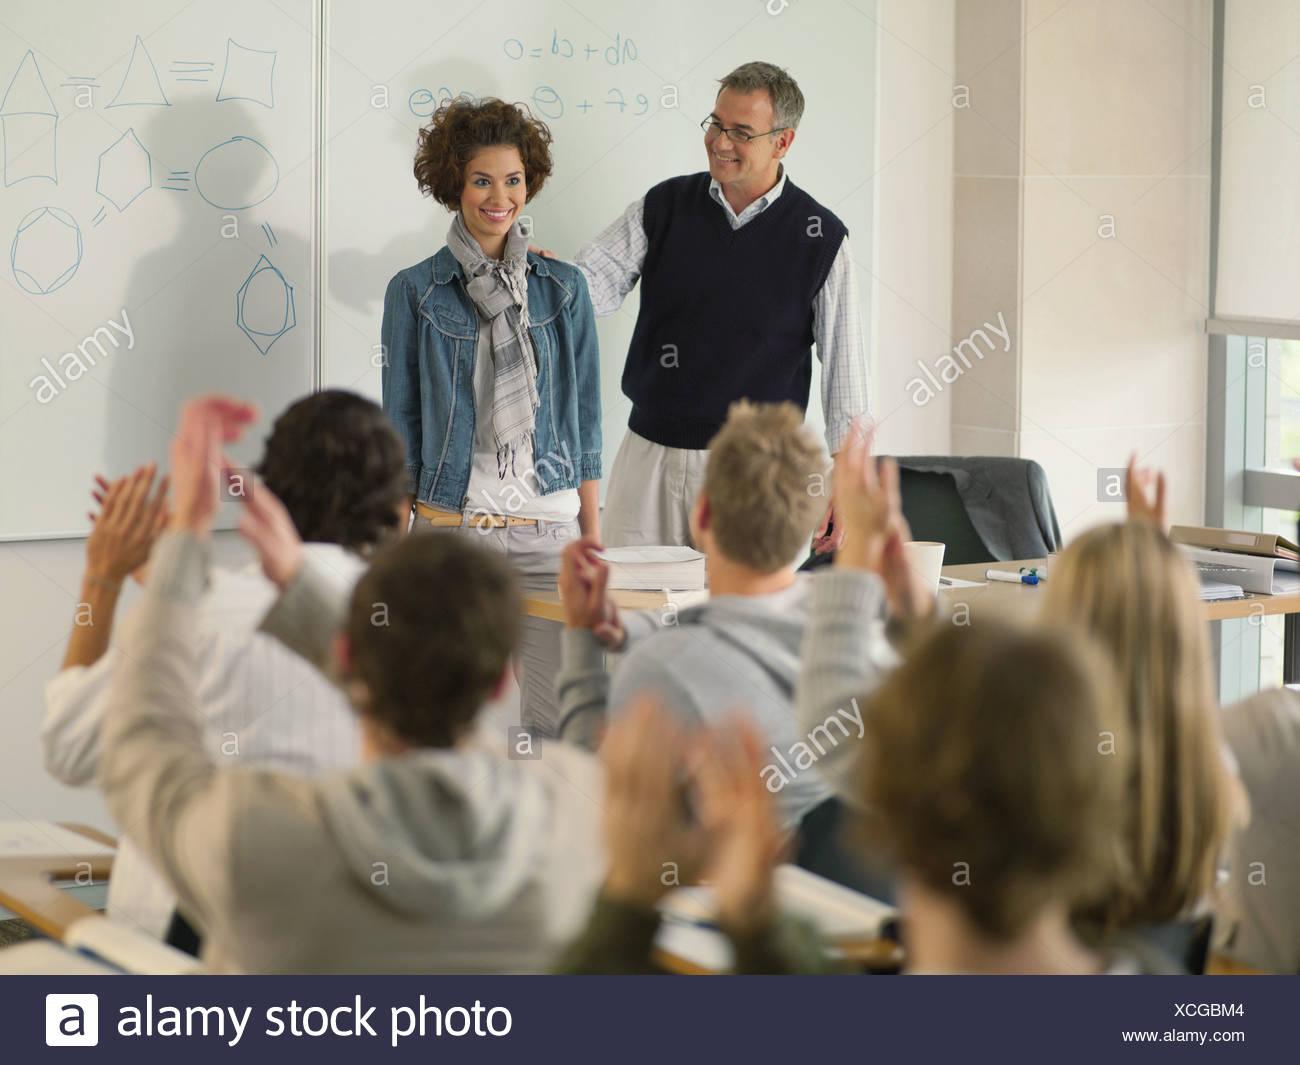 Professeur et étudiant à l'avant de la classe Photo Stock